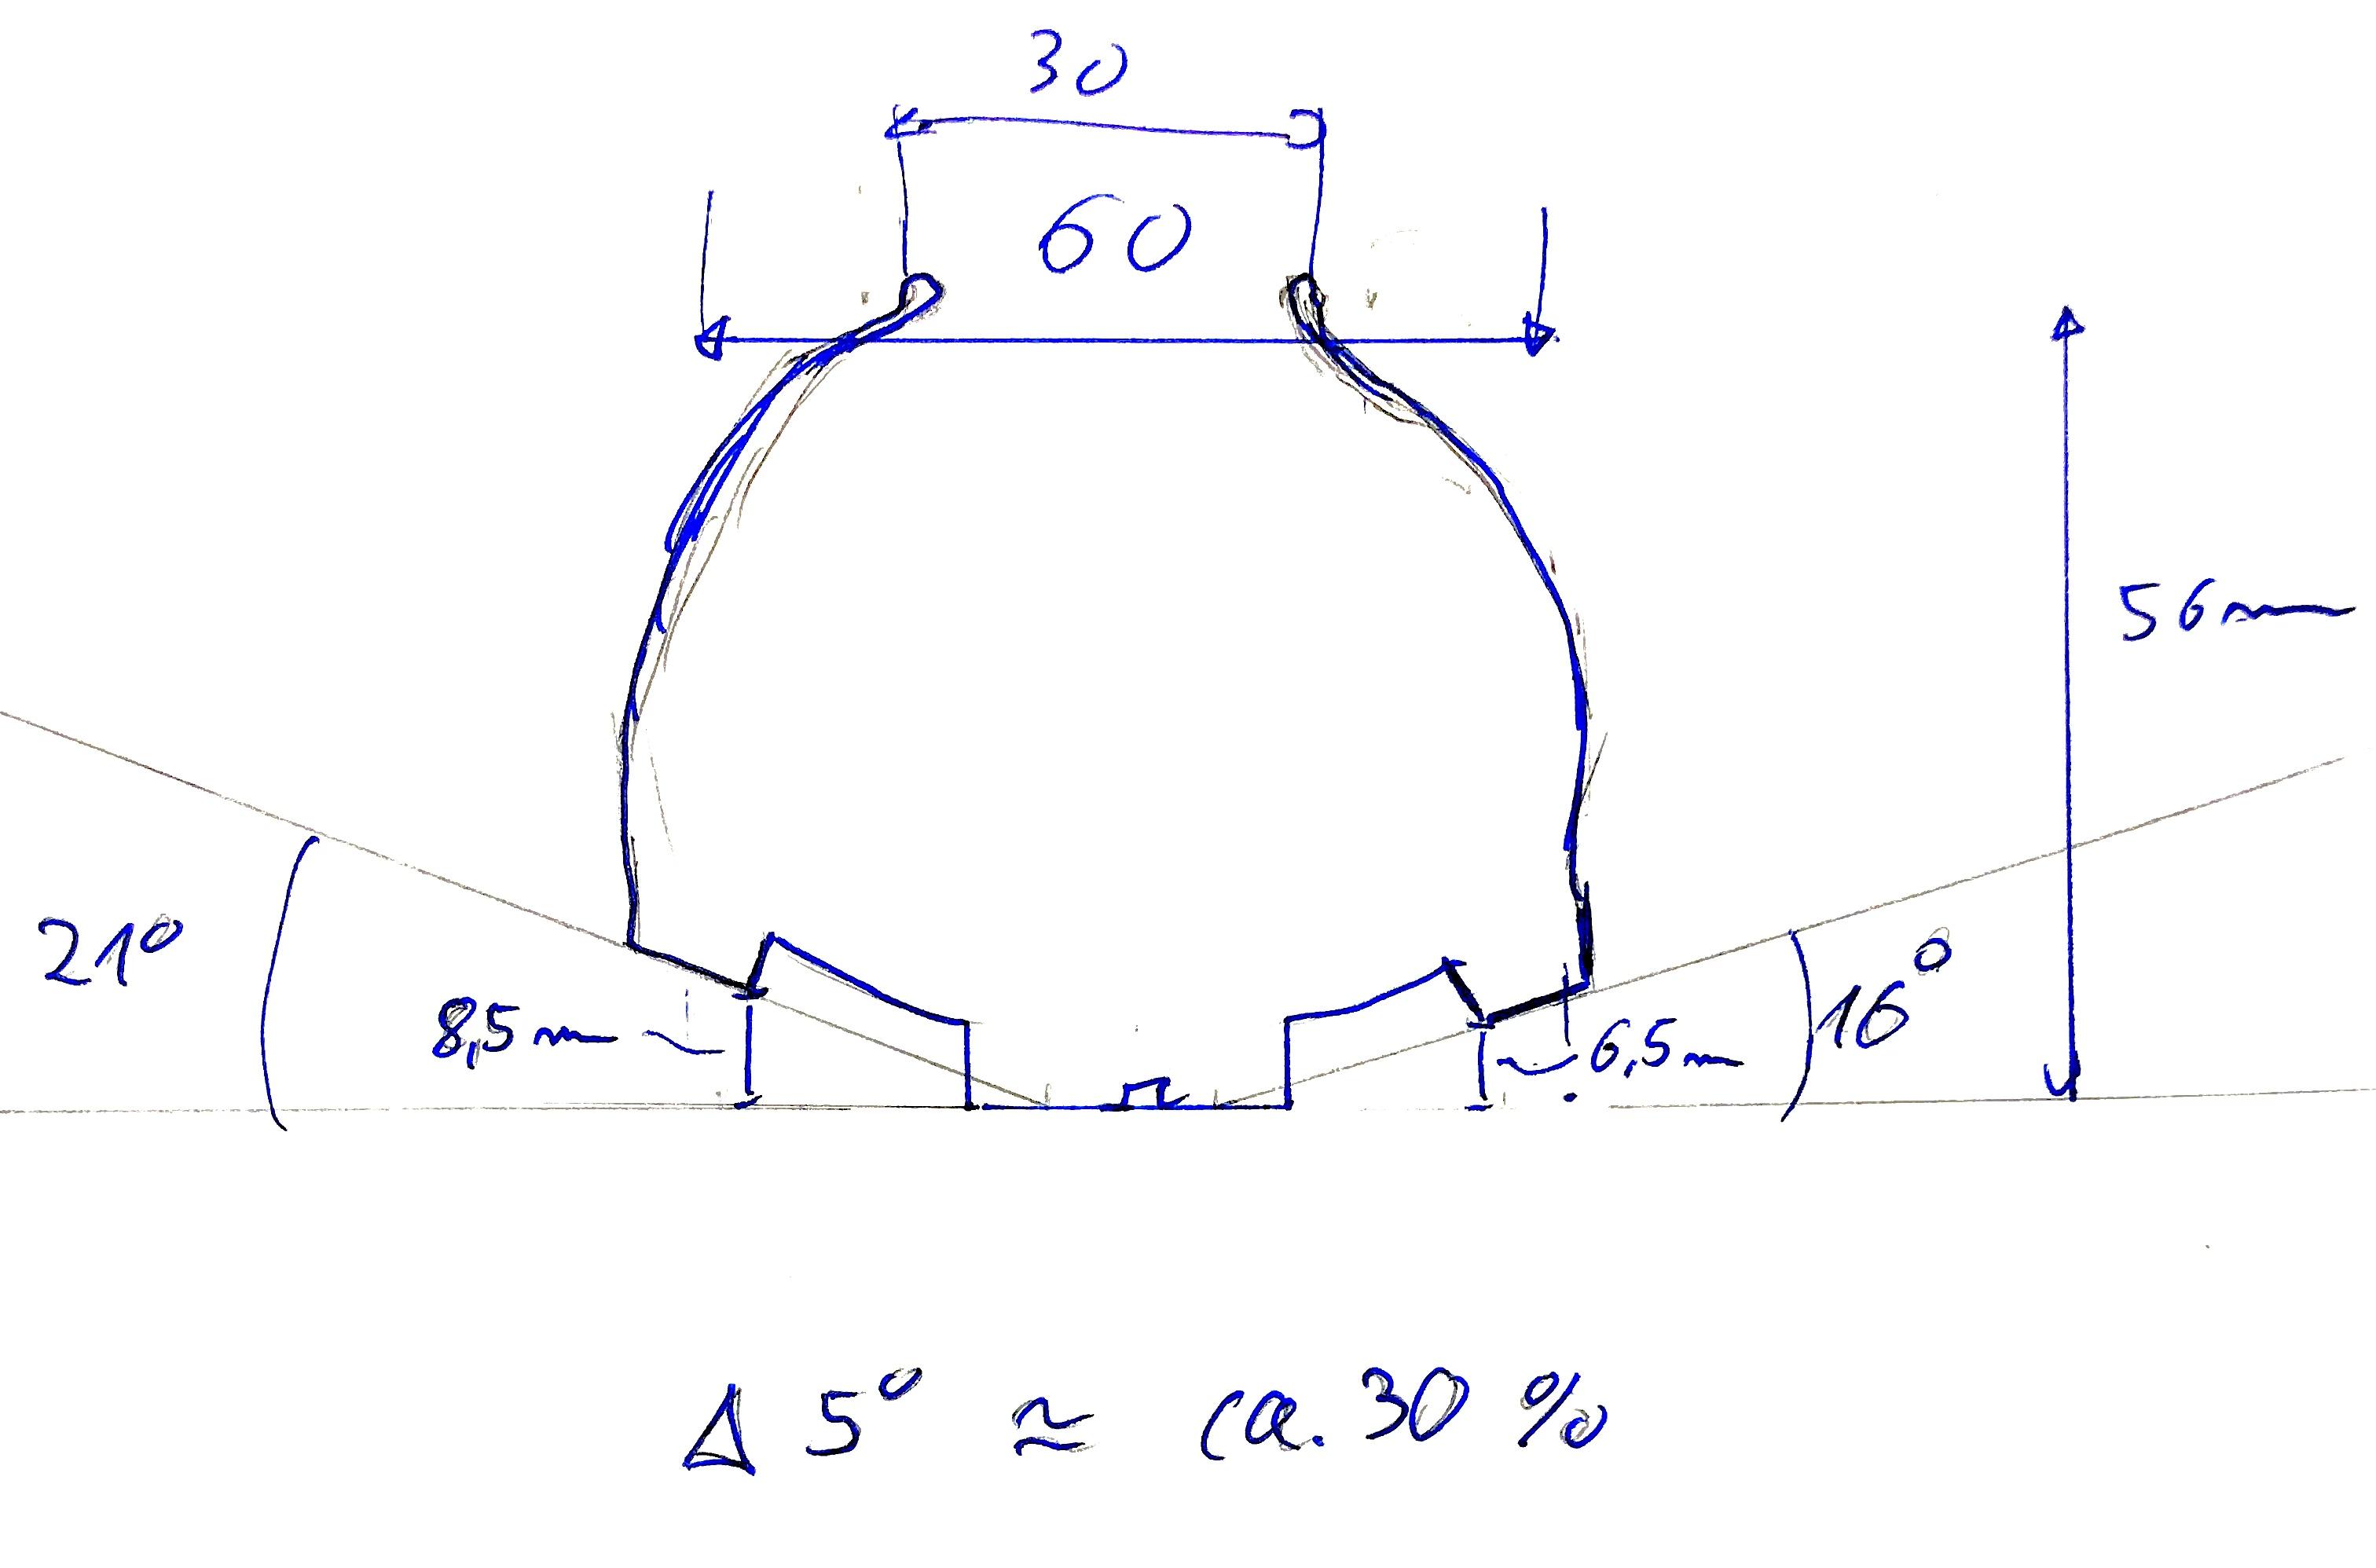 3C6EBC17-C857-4D8D-8671-65831C1B398B.jpeg